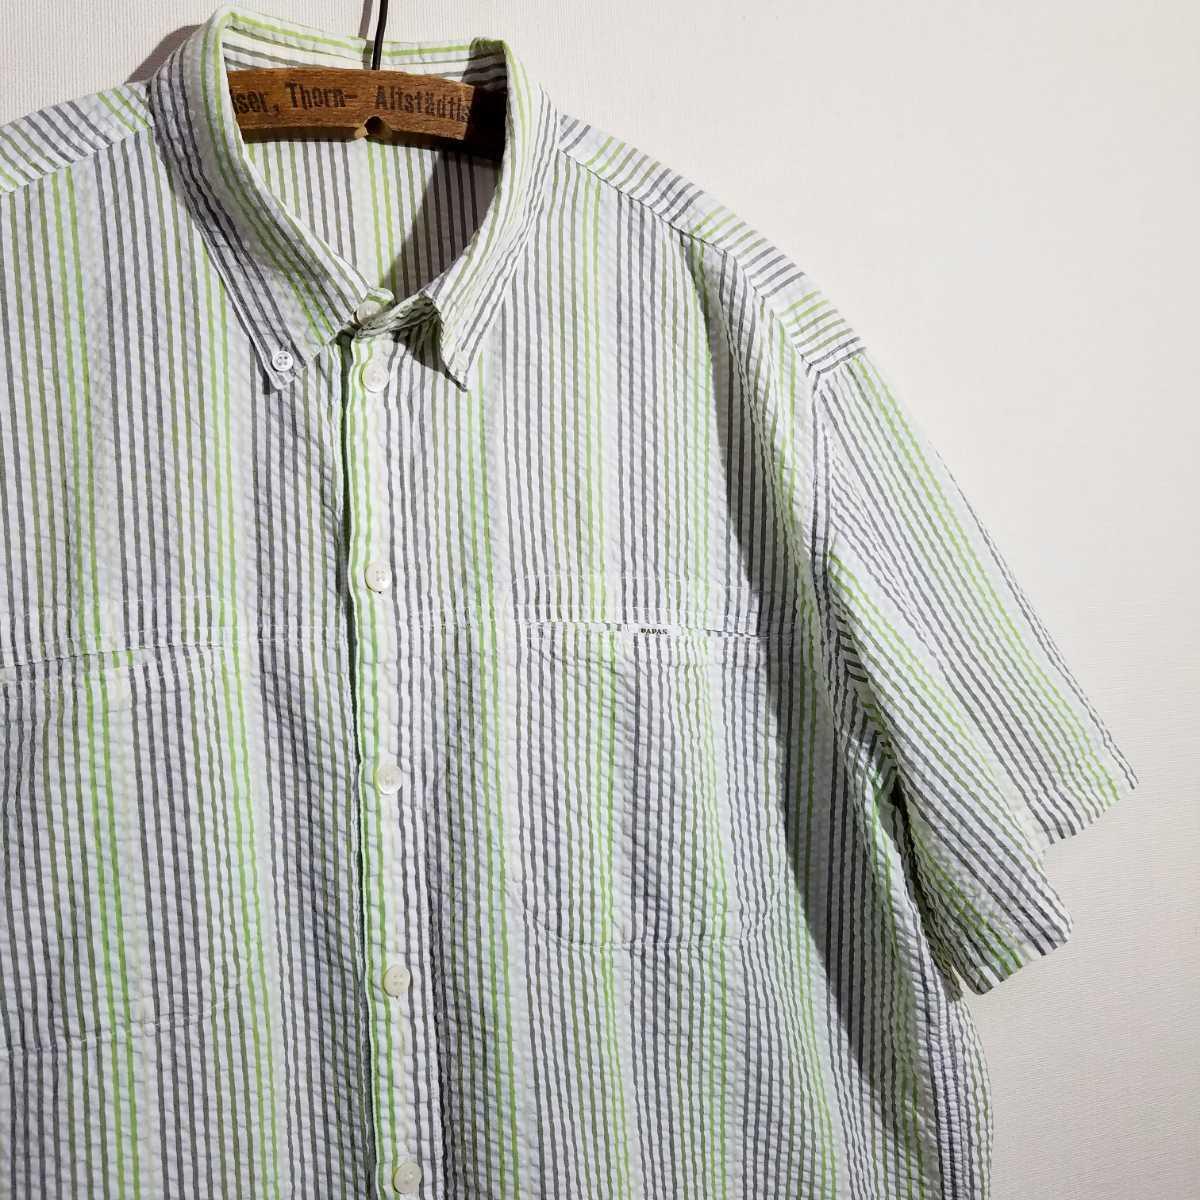 《清涼感 / 綿100% / グラデーション シアサッカー》良品 PAPAS 半袖 シアサッカーシャツ 48 M パパス アロハシャツ ハワイアンシャツ 夏